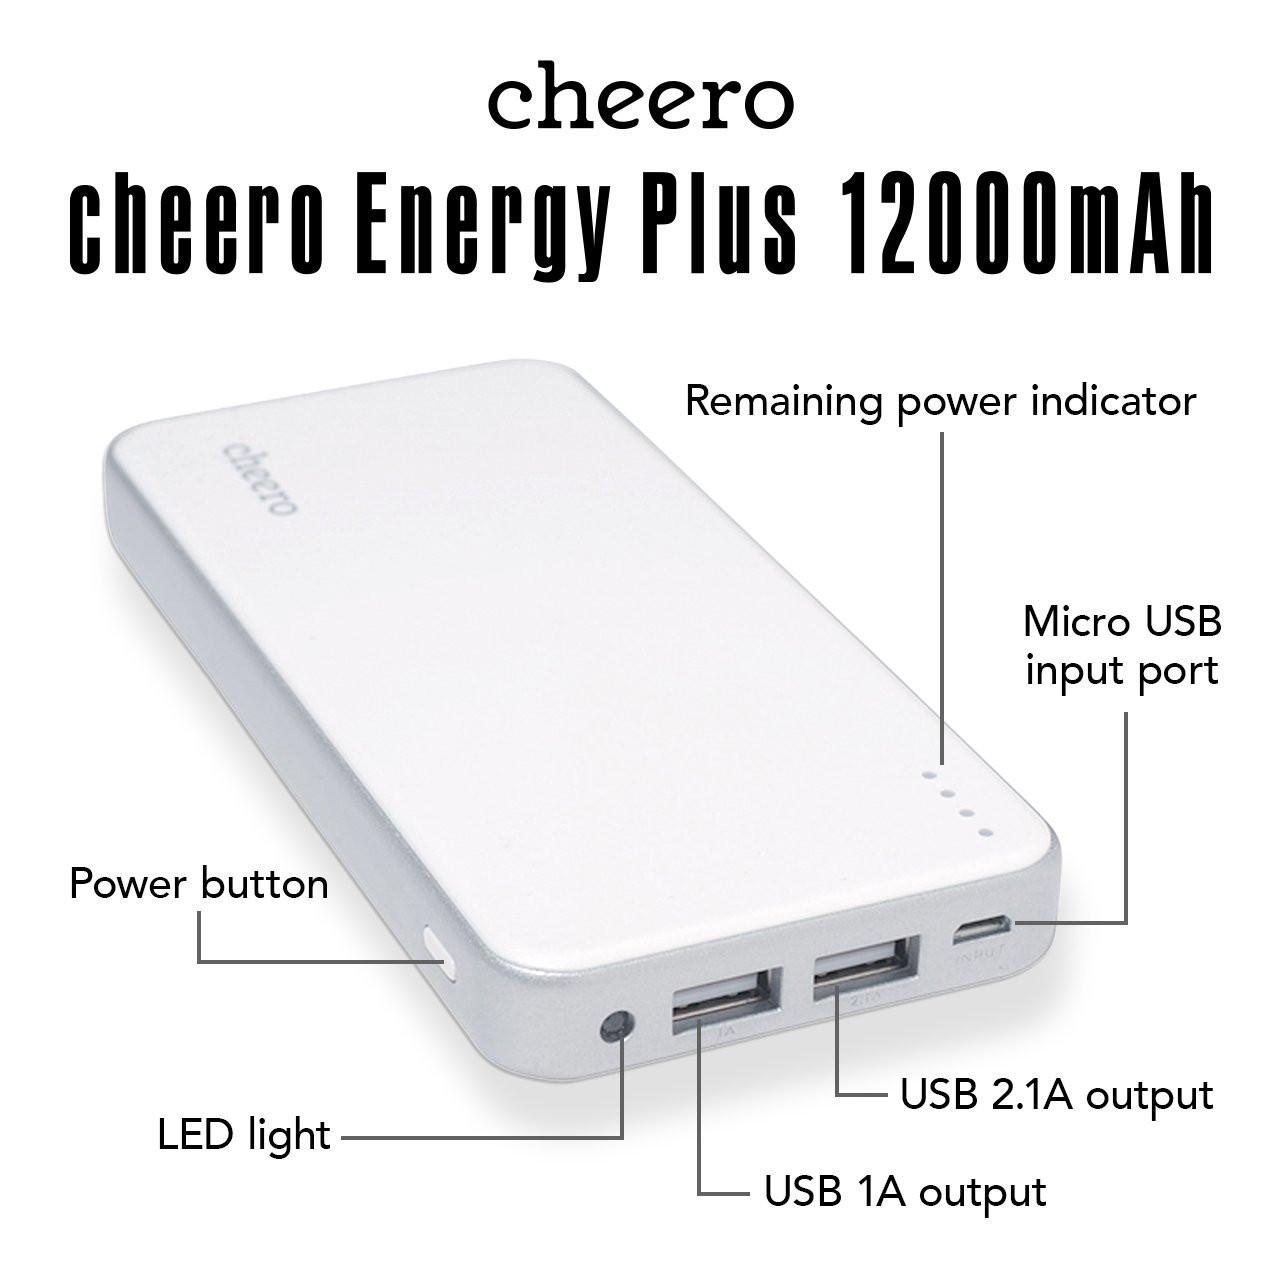 1413962613_cheero-energy-plus-3.jpg